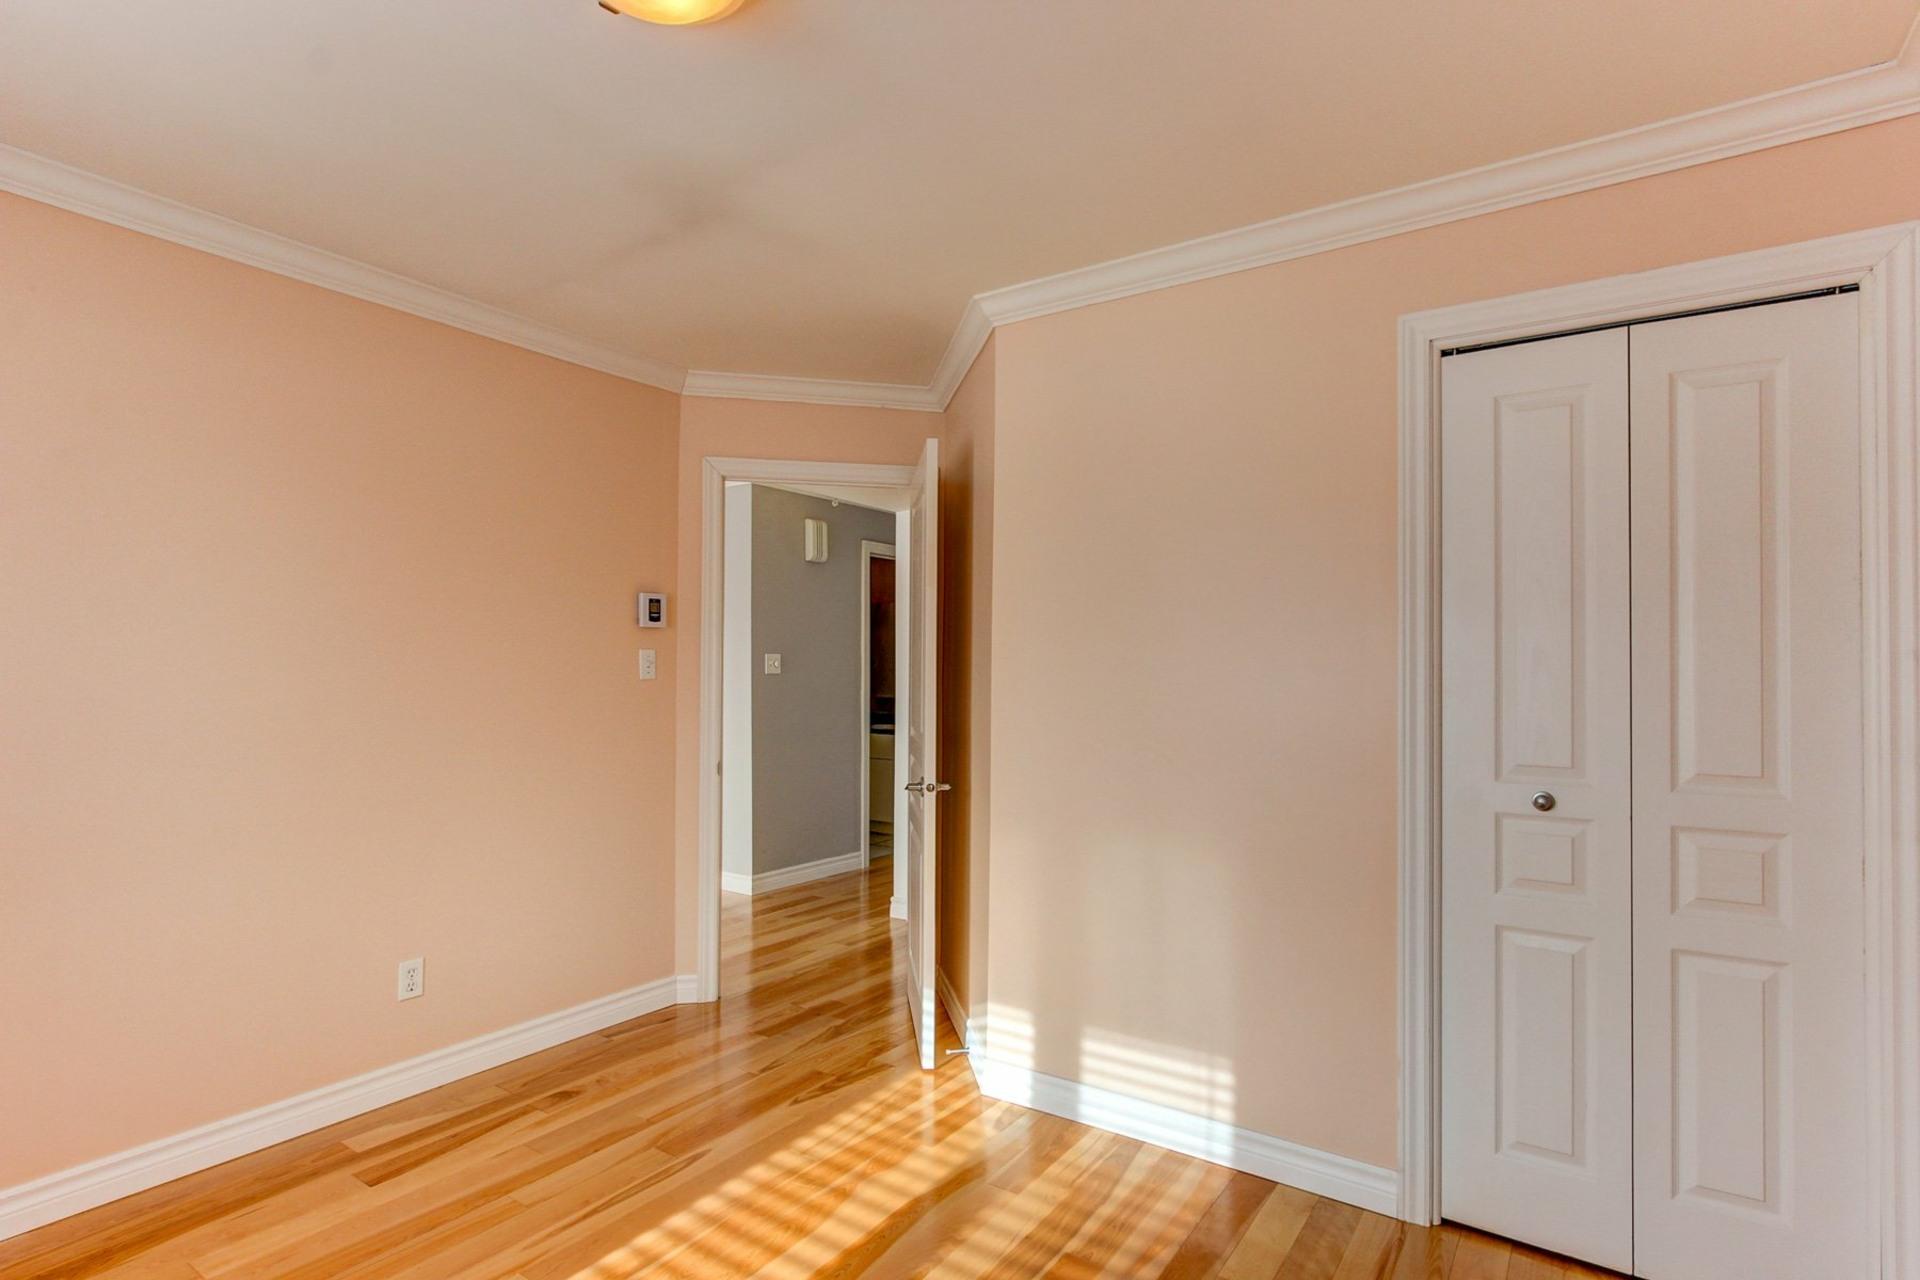 image 9 - Appartement À vendre Trois-Rivières - 6 pièces